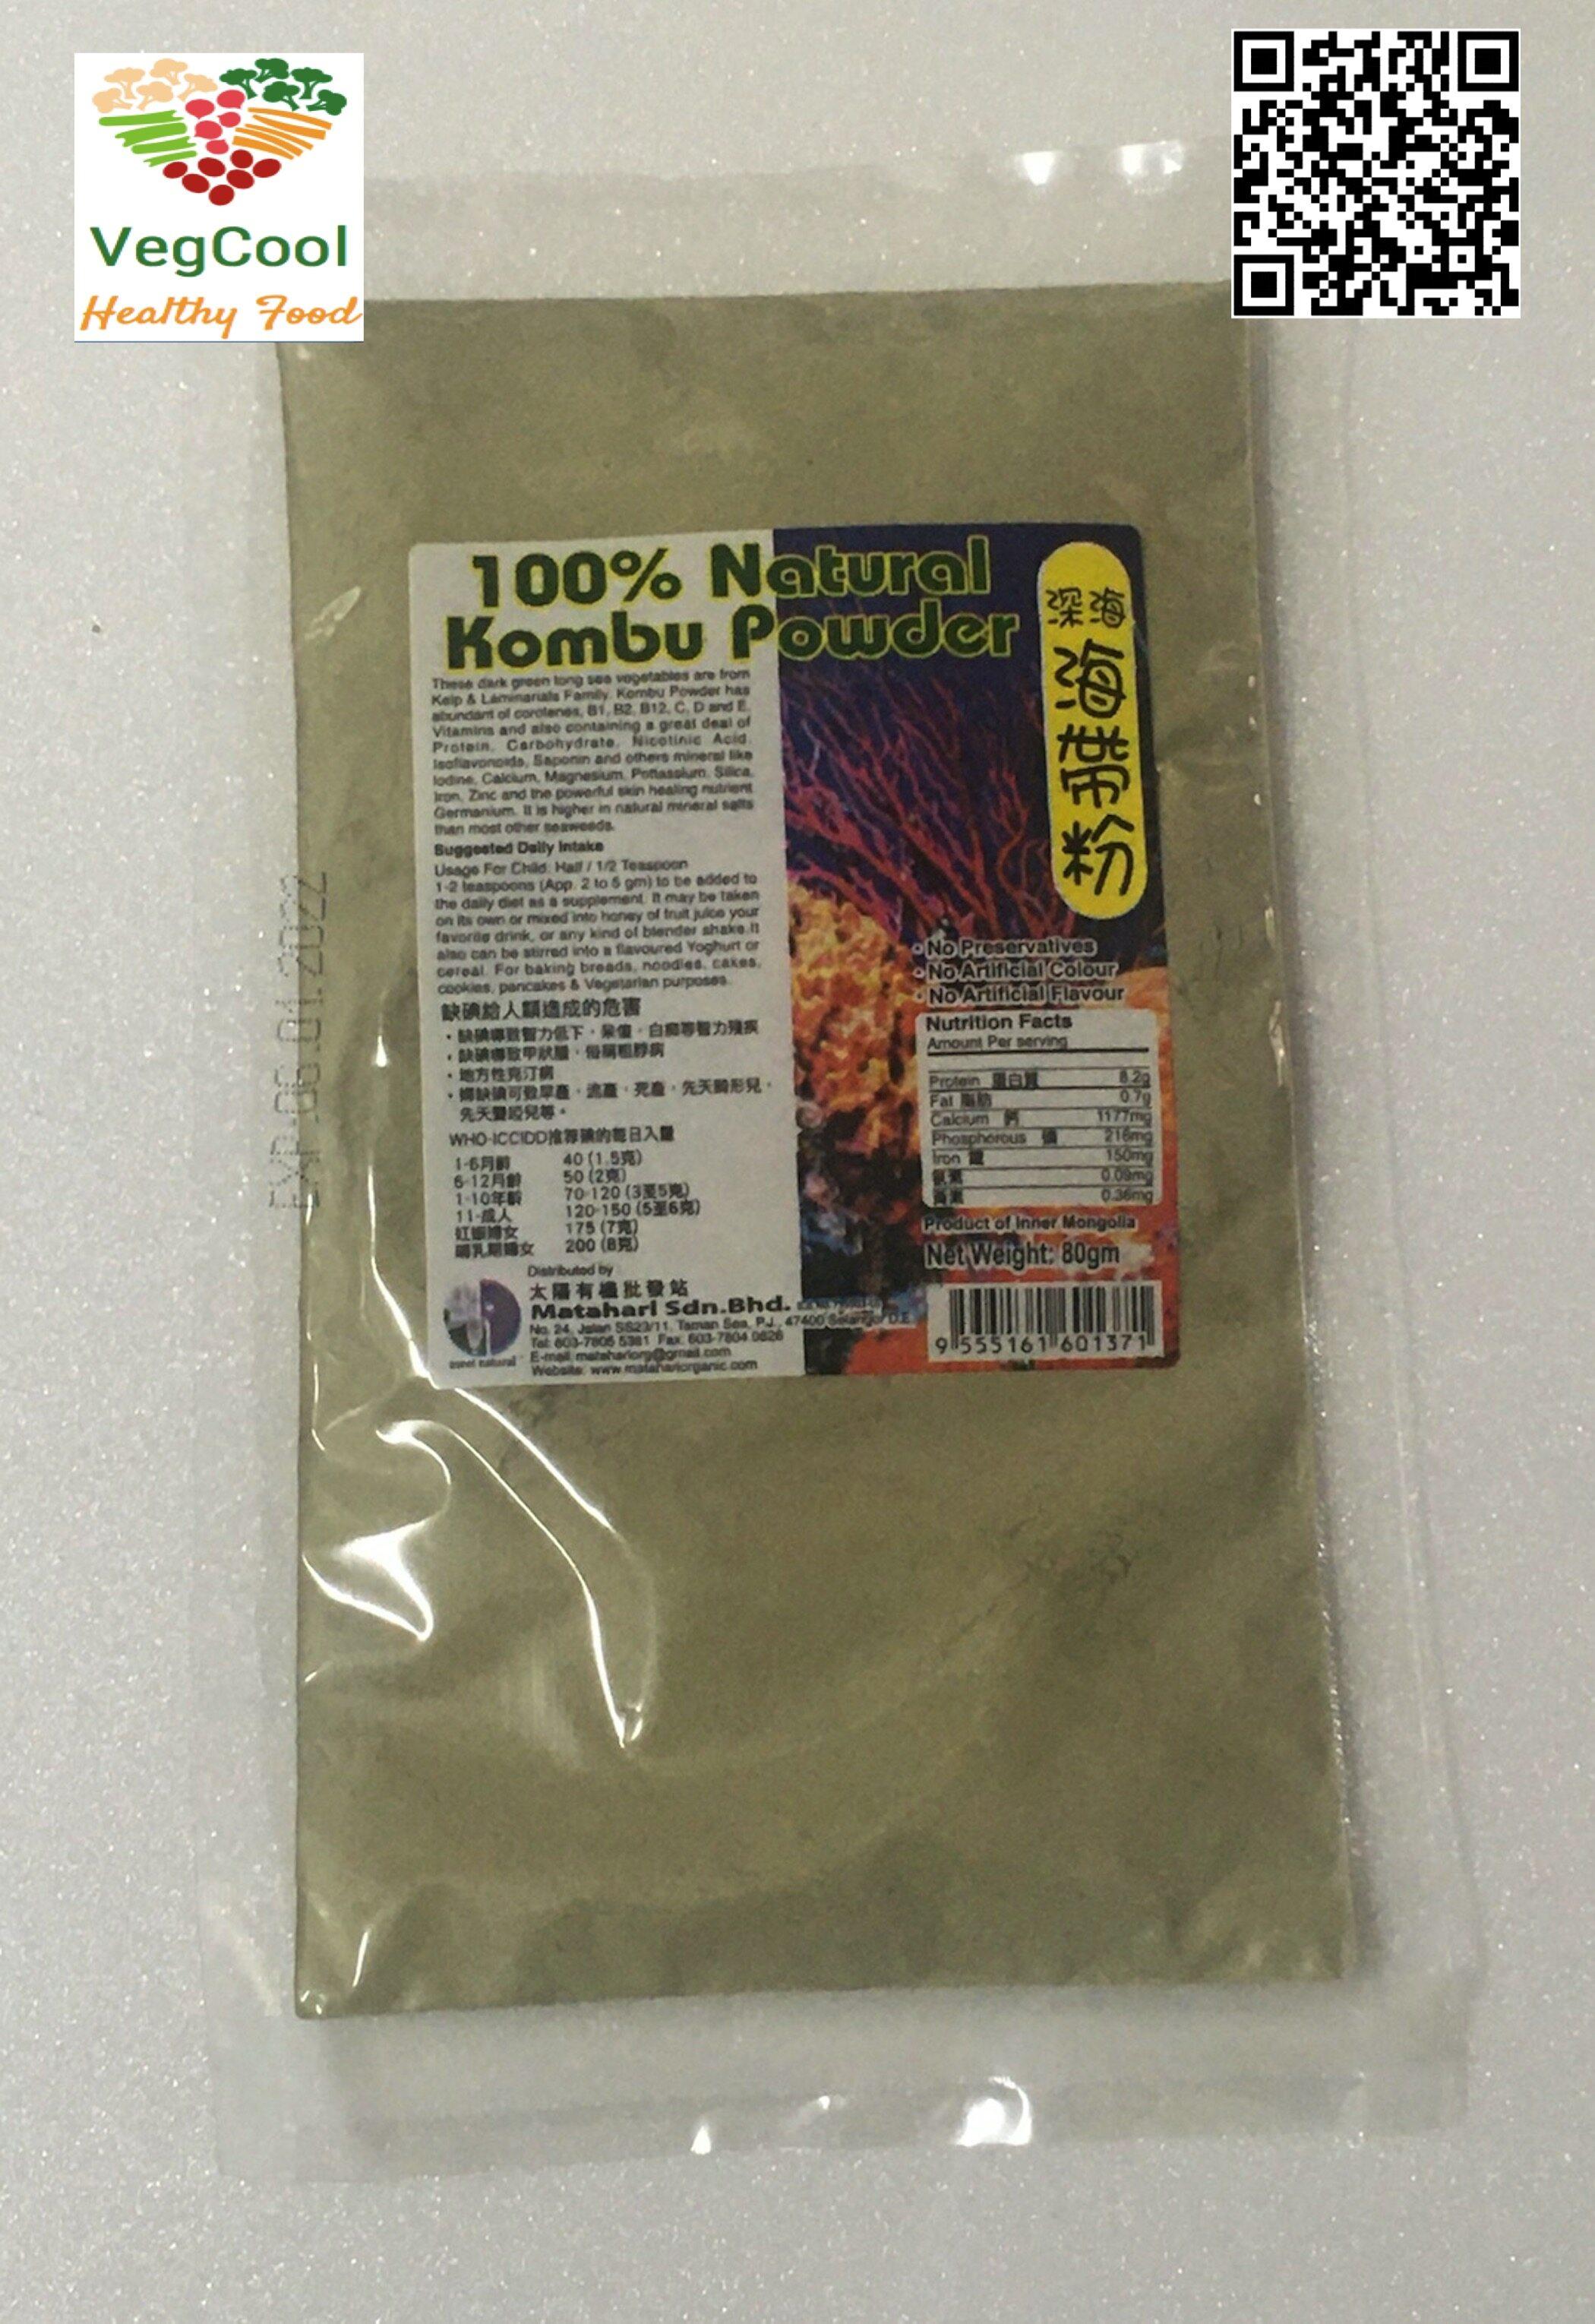 100% Natural Kombu Powder ????? (80g)